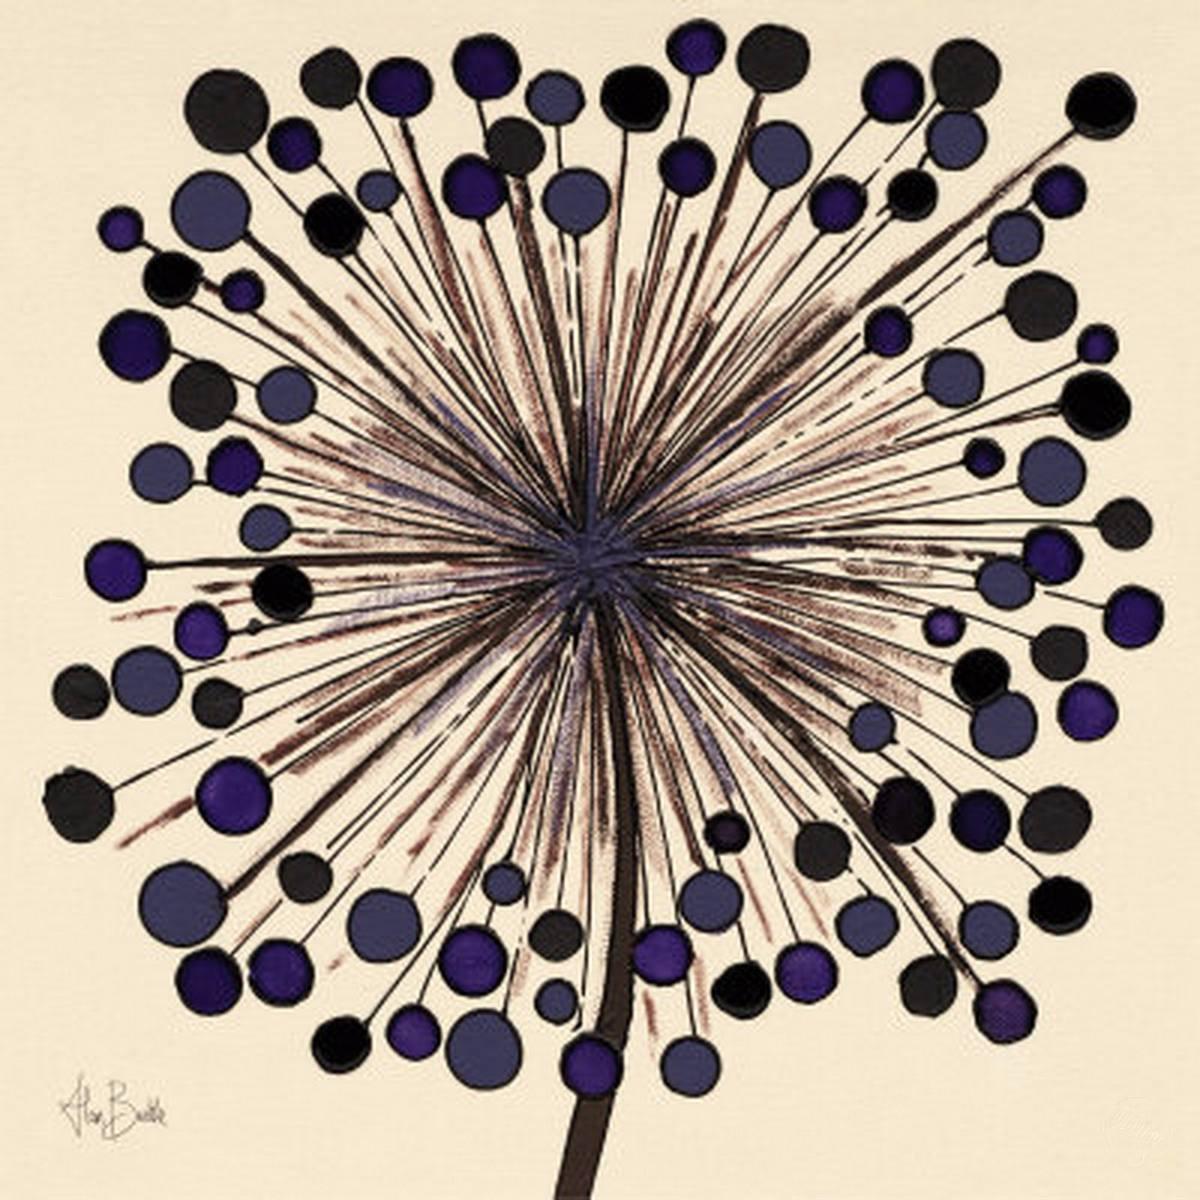 trendy cool vinilos decorativos para azulejos bao cocina with vinilos decorativos para azulejos de bao with racholas de bao with racholas de bao with - Racholas De Bao